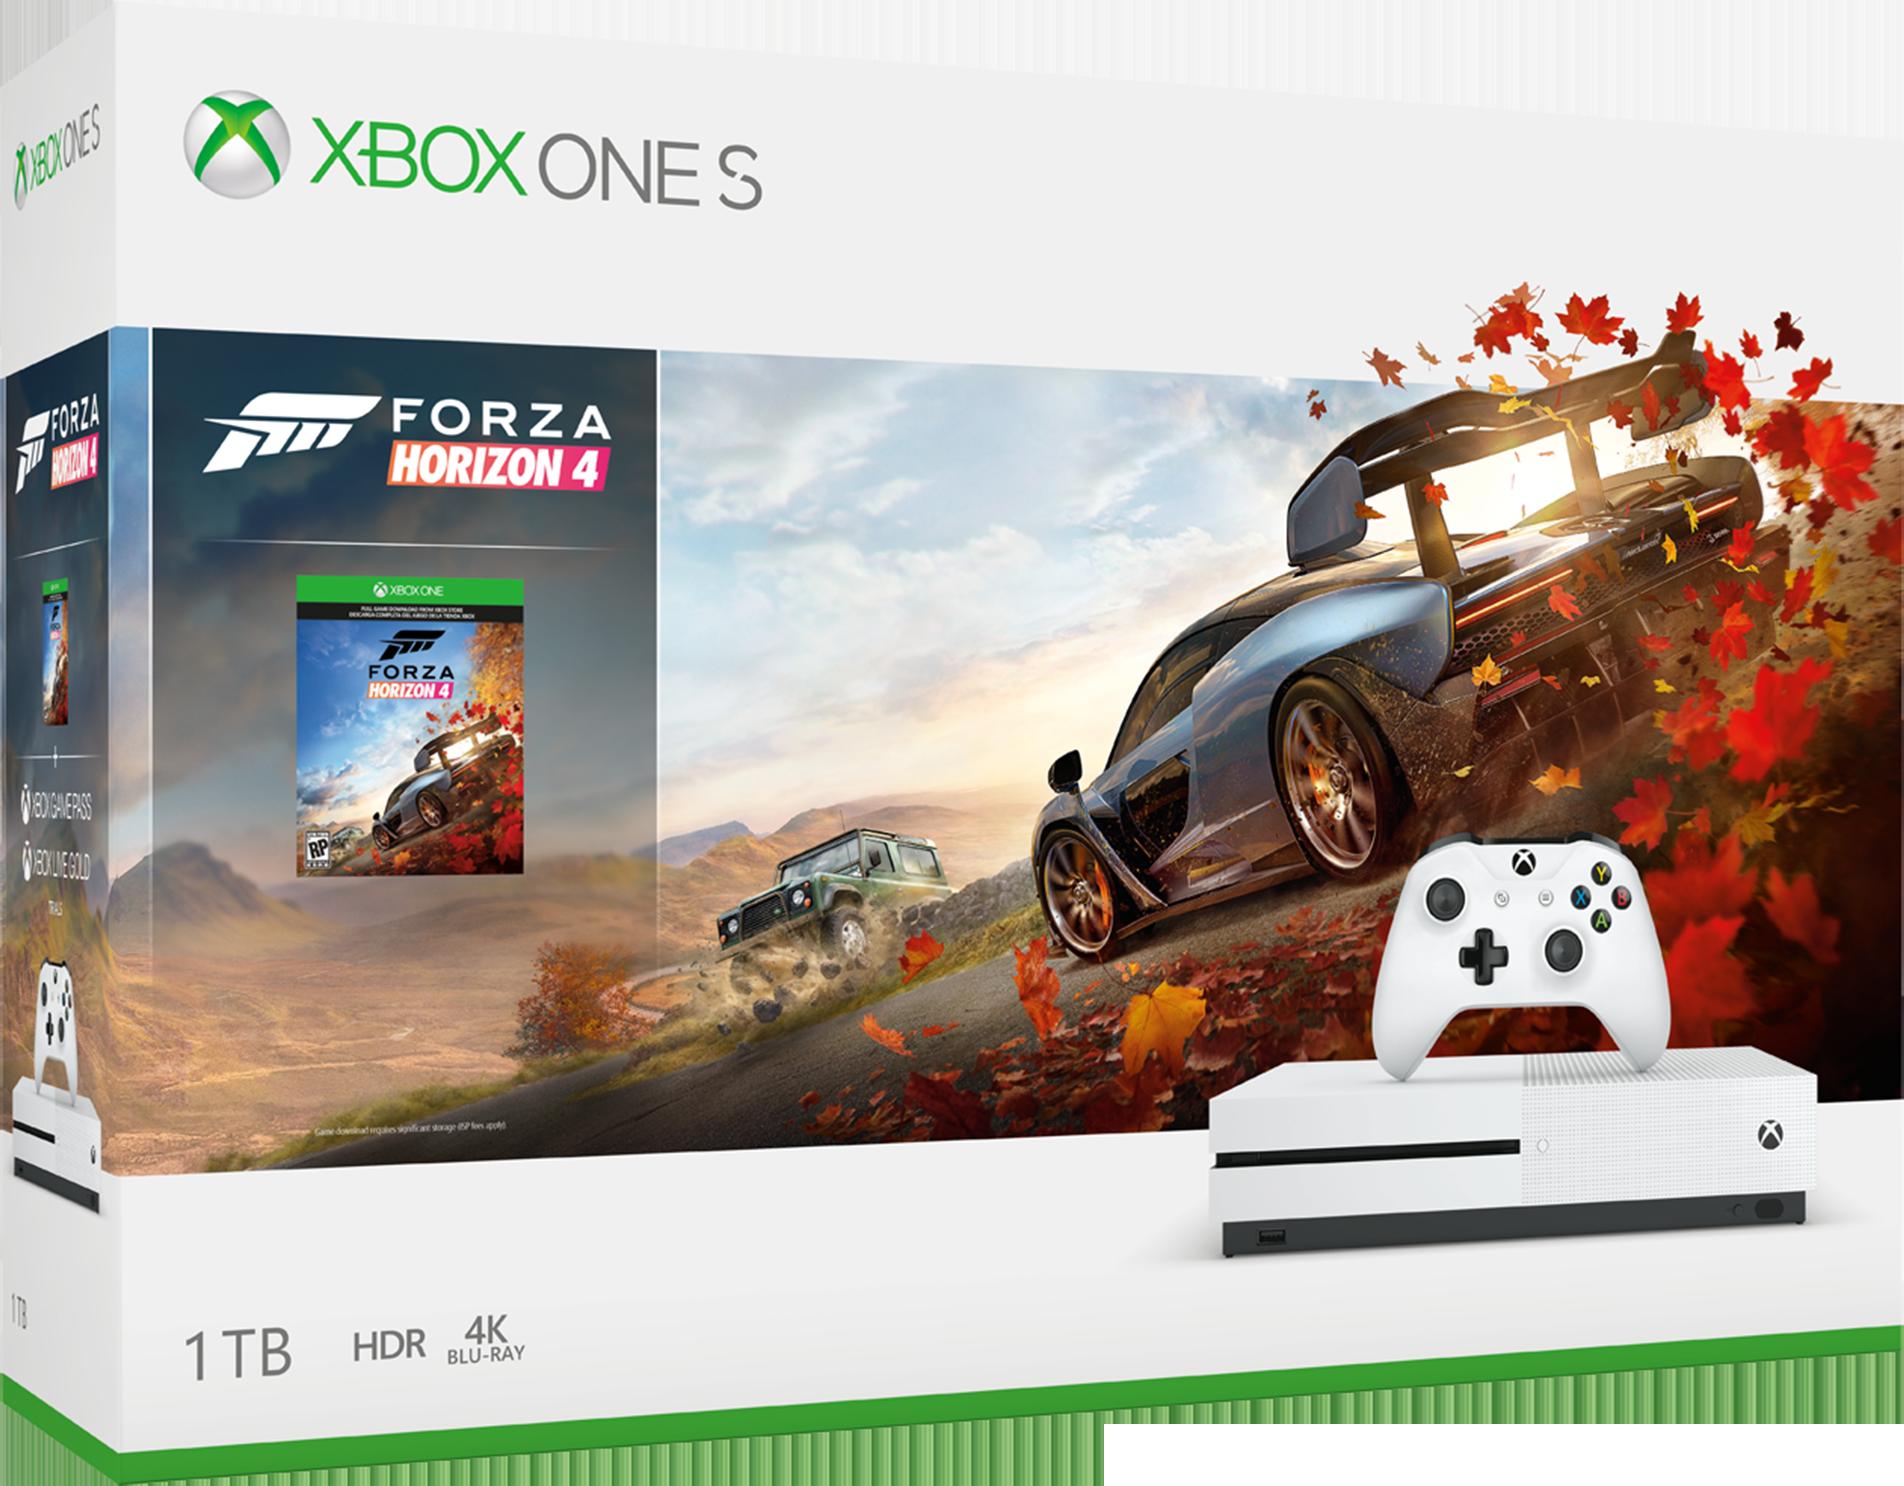 マイクロソフト♪Xbox One S 1 TB 本体 - Forza Horizon 4 同梱版♪32978円♪